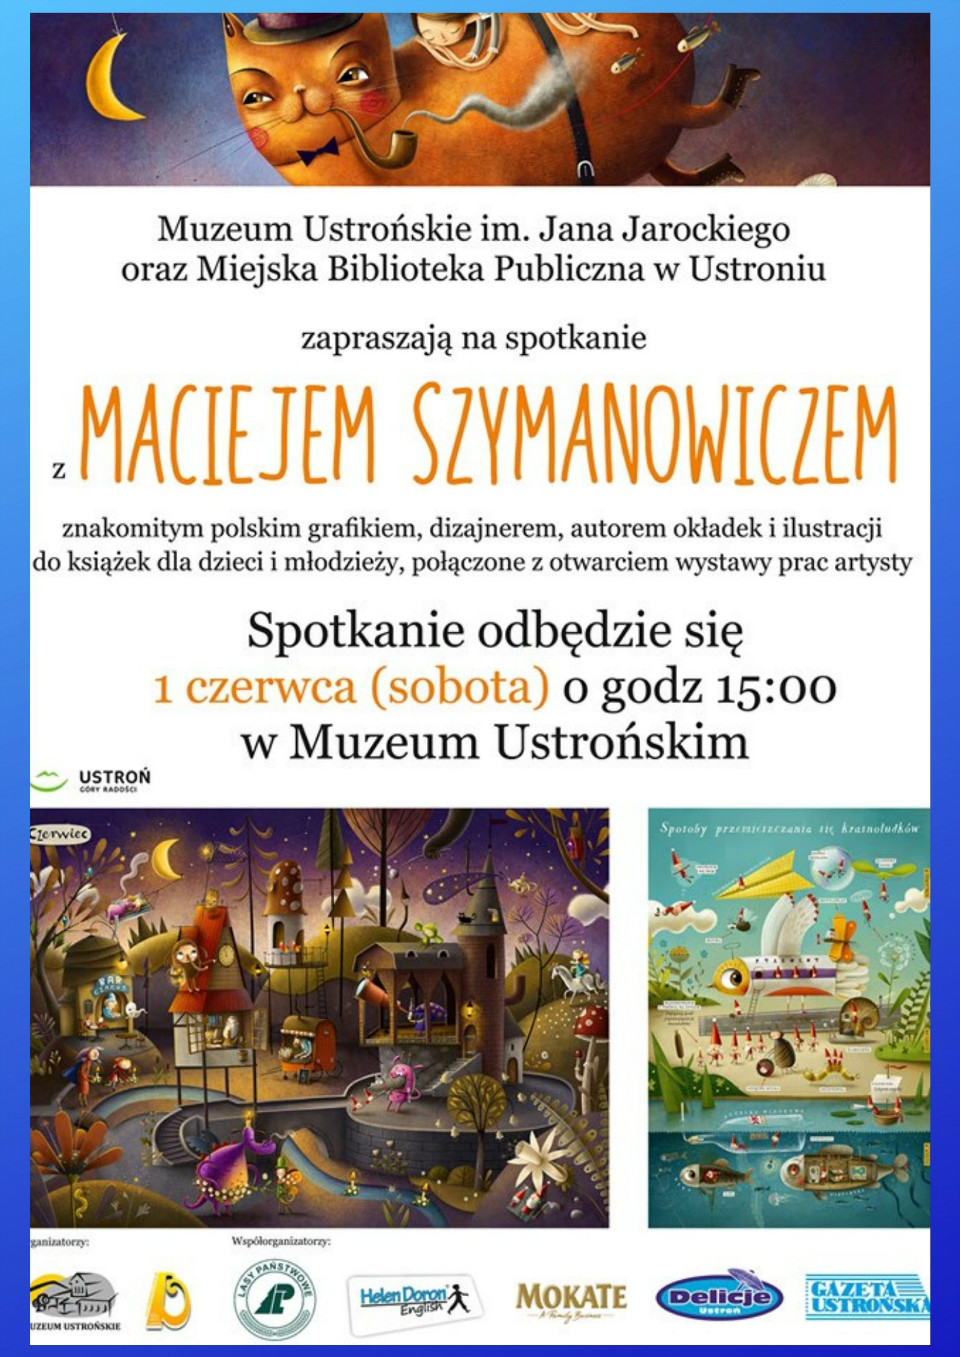 szymanowicz 1 czerwca